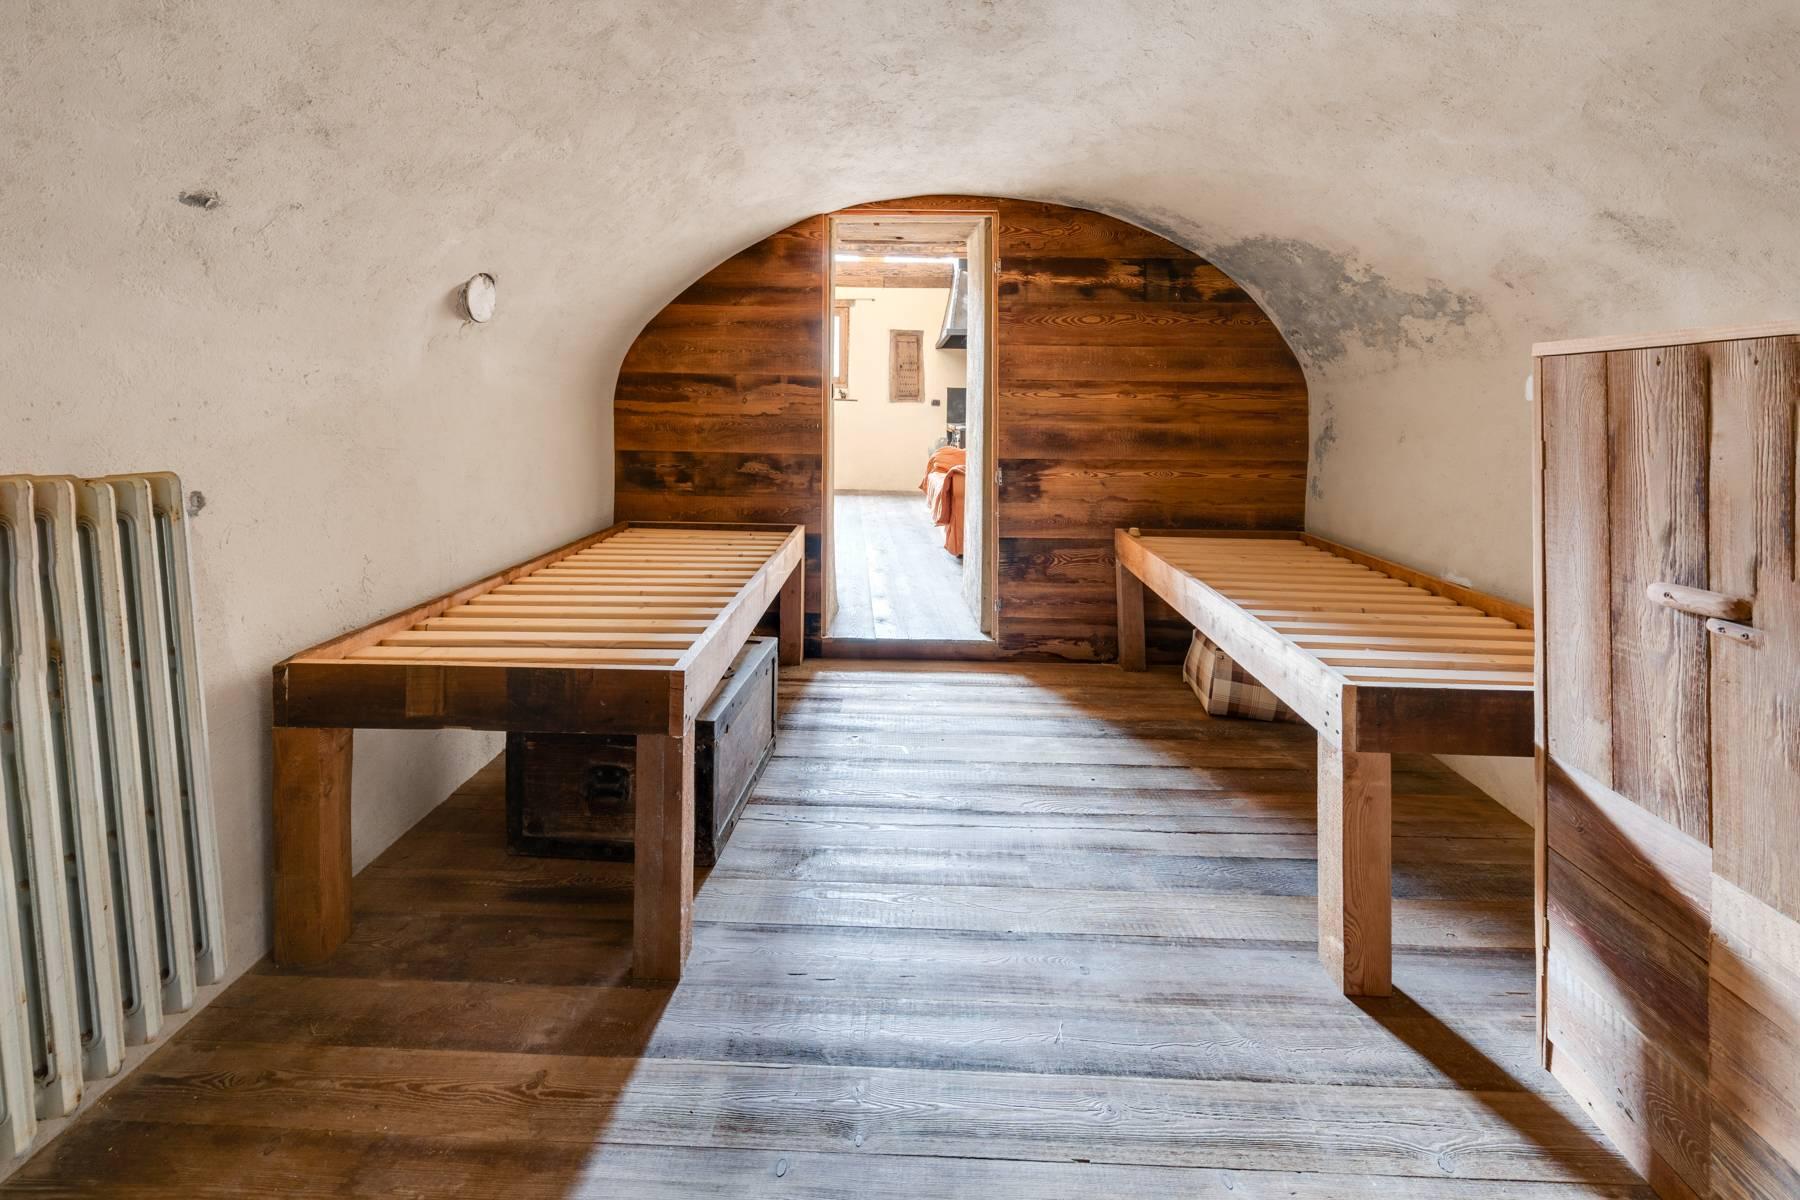 Casa indipendente in Vendita a Cesana Torinese: 5 locali, 180 mq - Foto 17